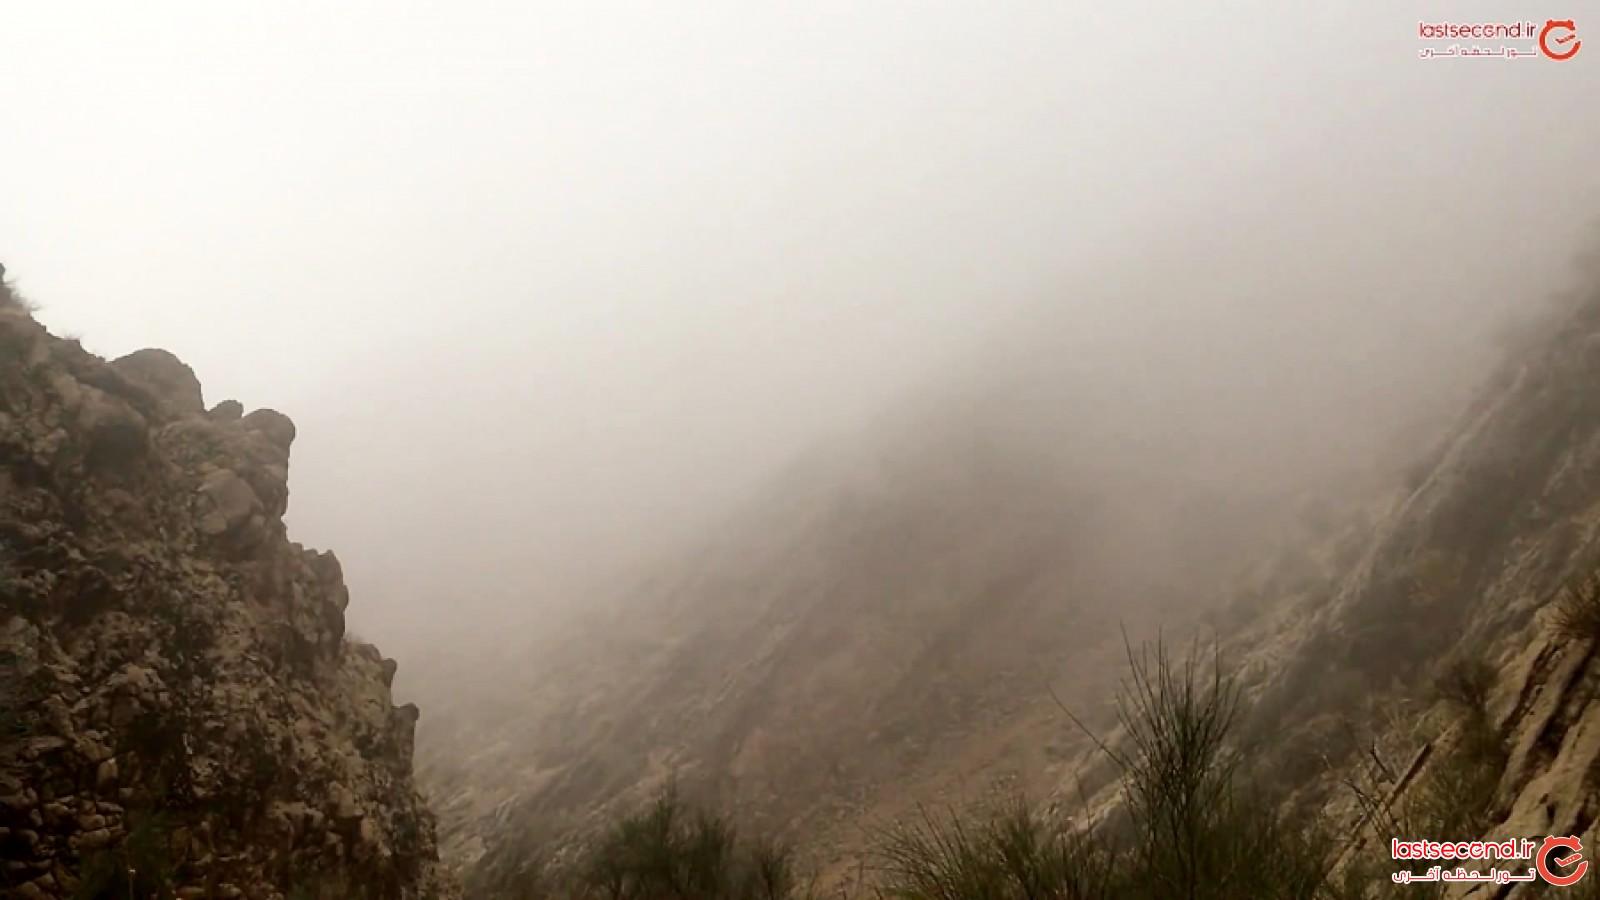 کوه دراک محصور در مه